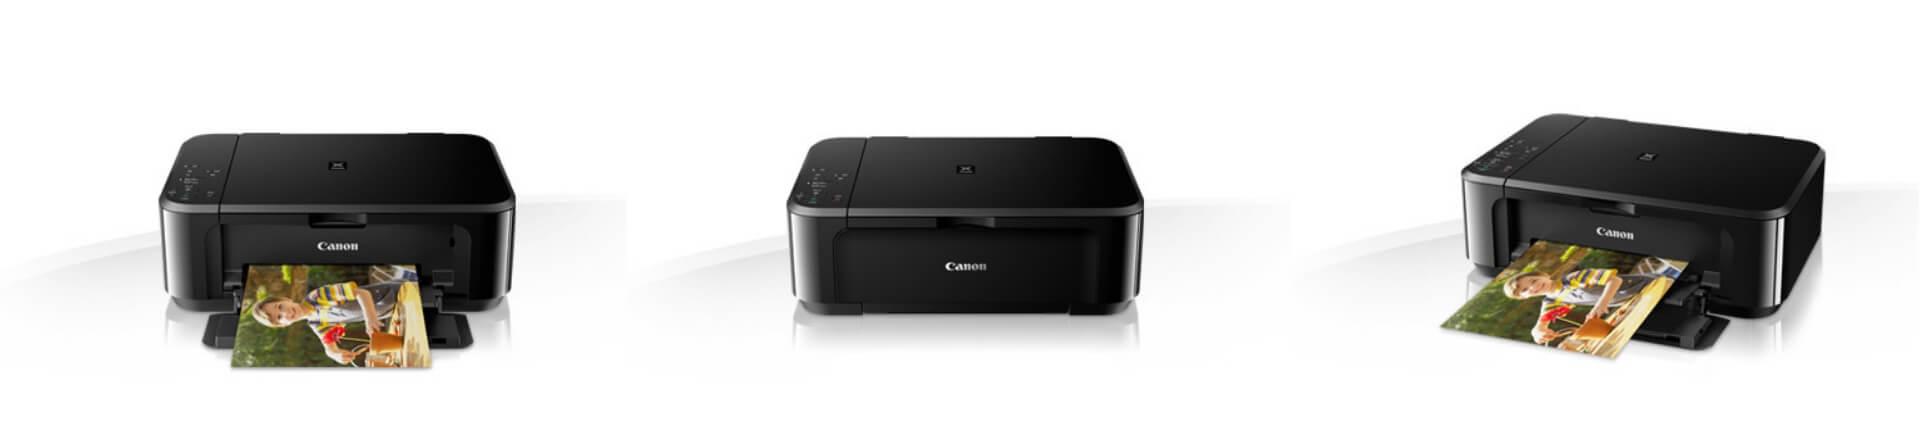 Printer Promo Of The Month Mei Canon Pixma Mg3650 Despec